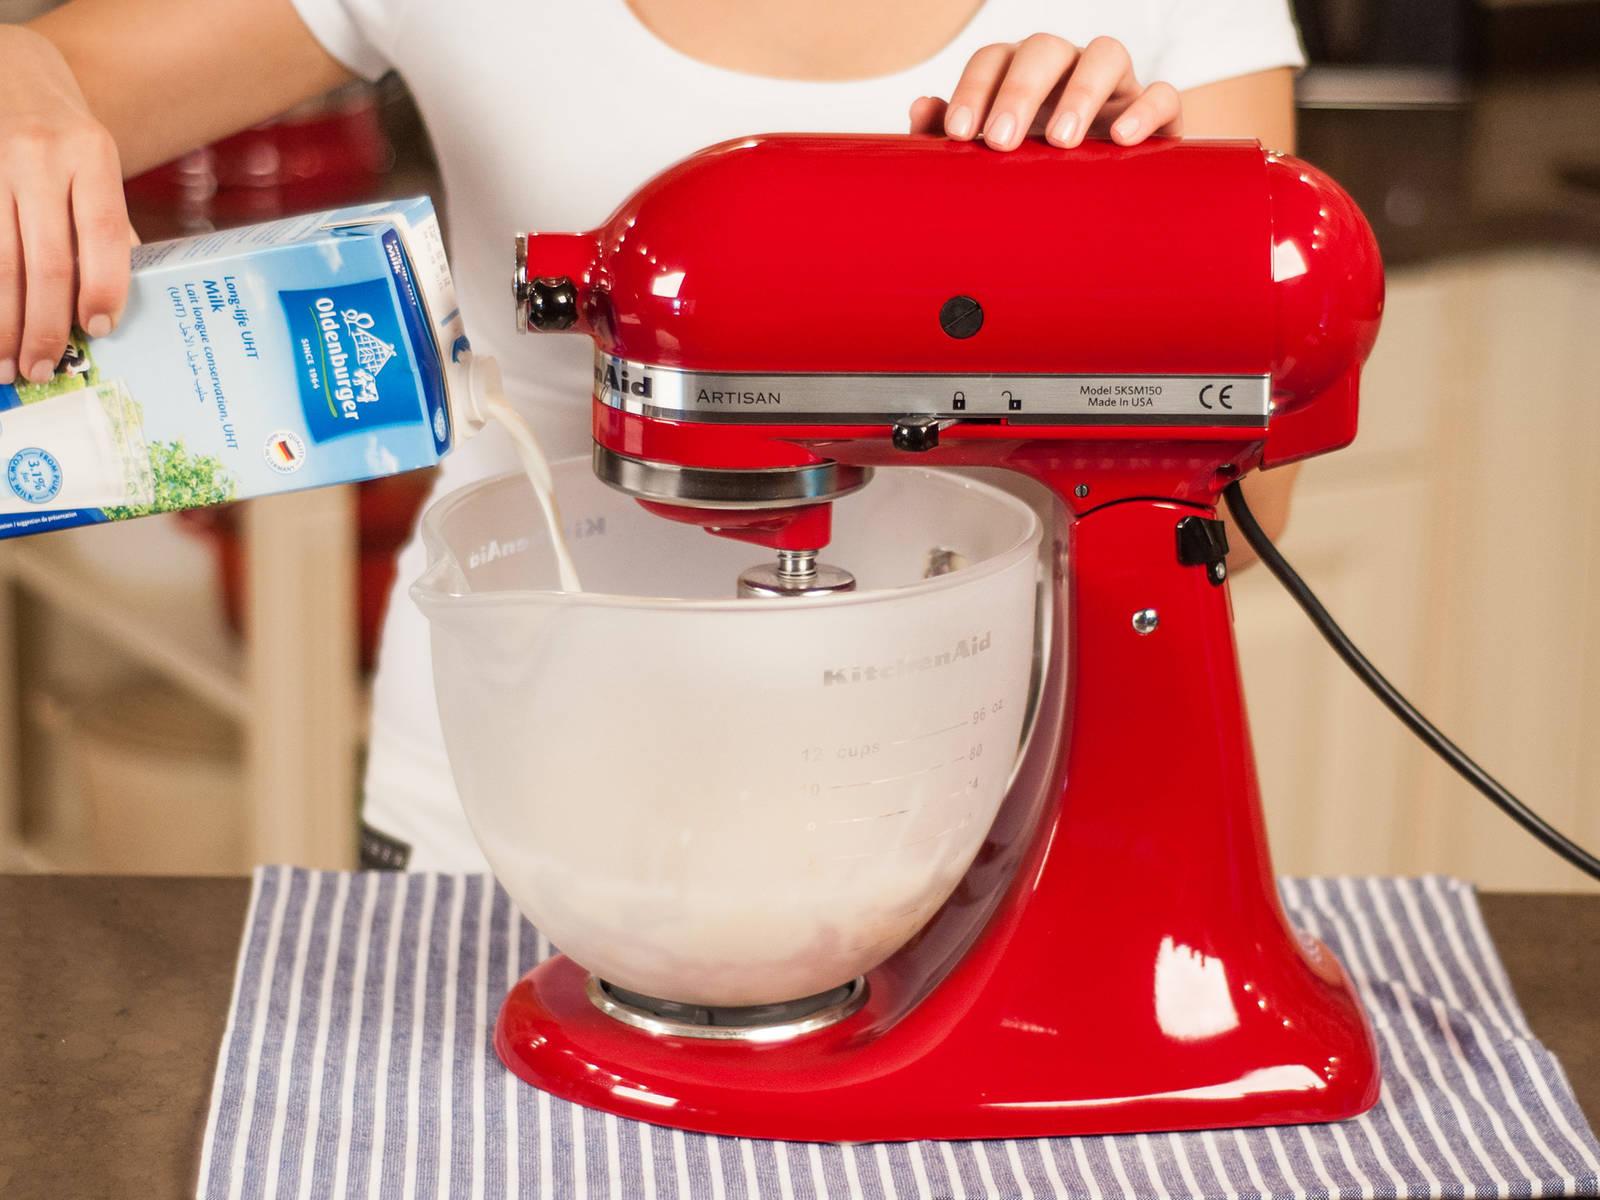 用立式搅拌机或手持搅拌机将牛奶、香草浓浆、蛋、融化的黄油、一些糖和一撮盐搅打均匀。